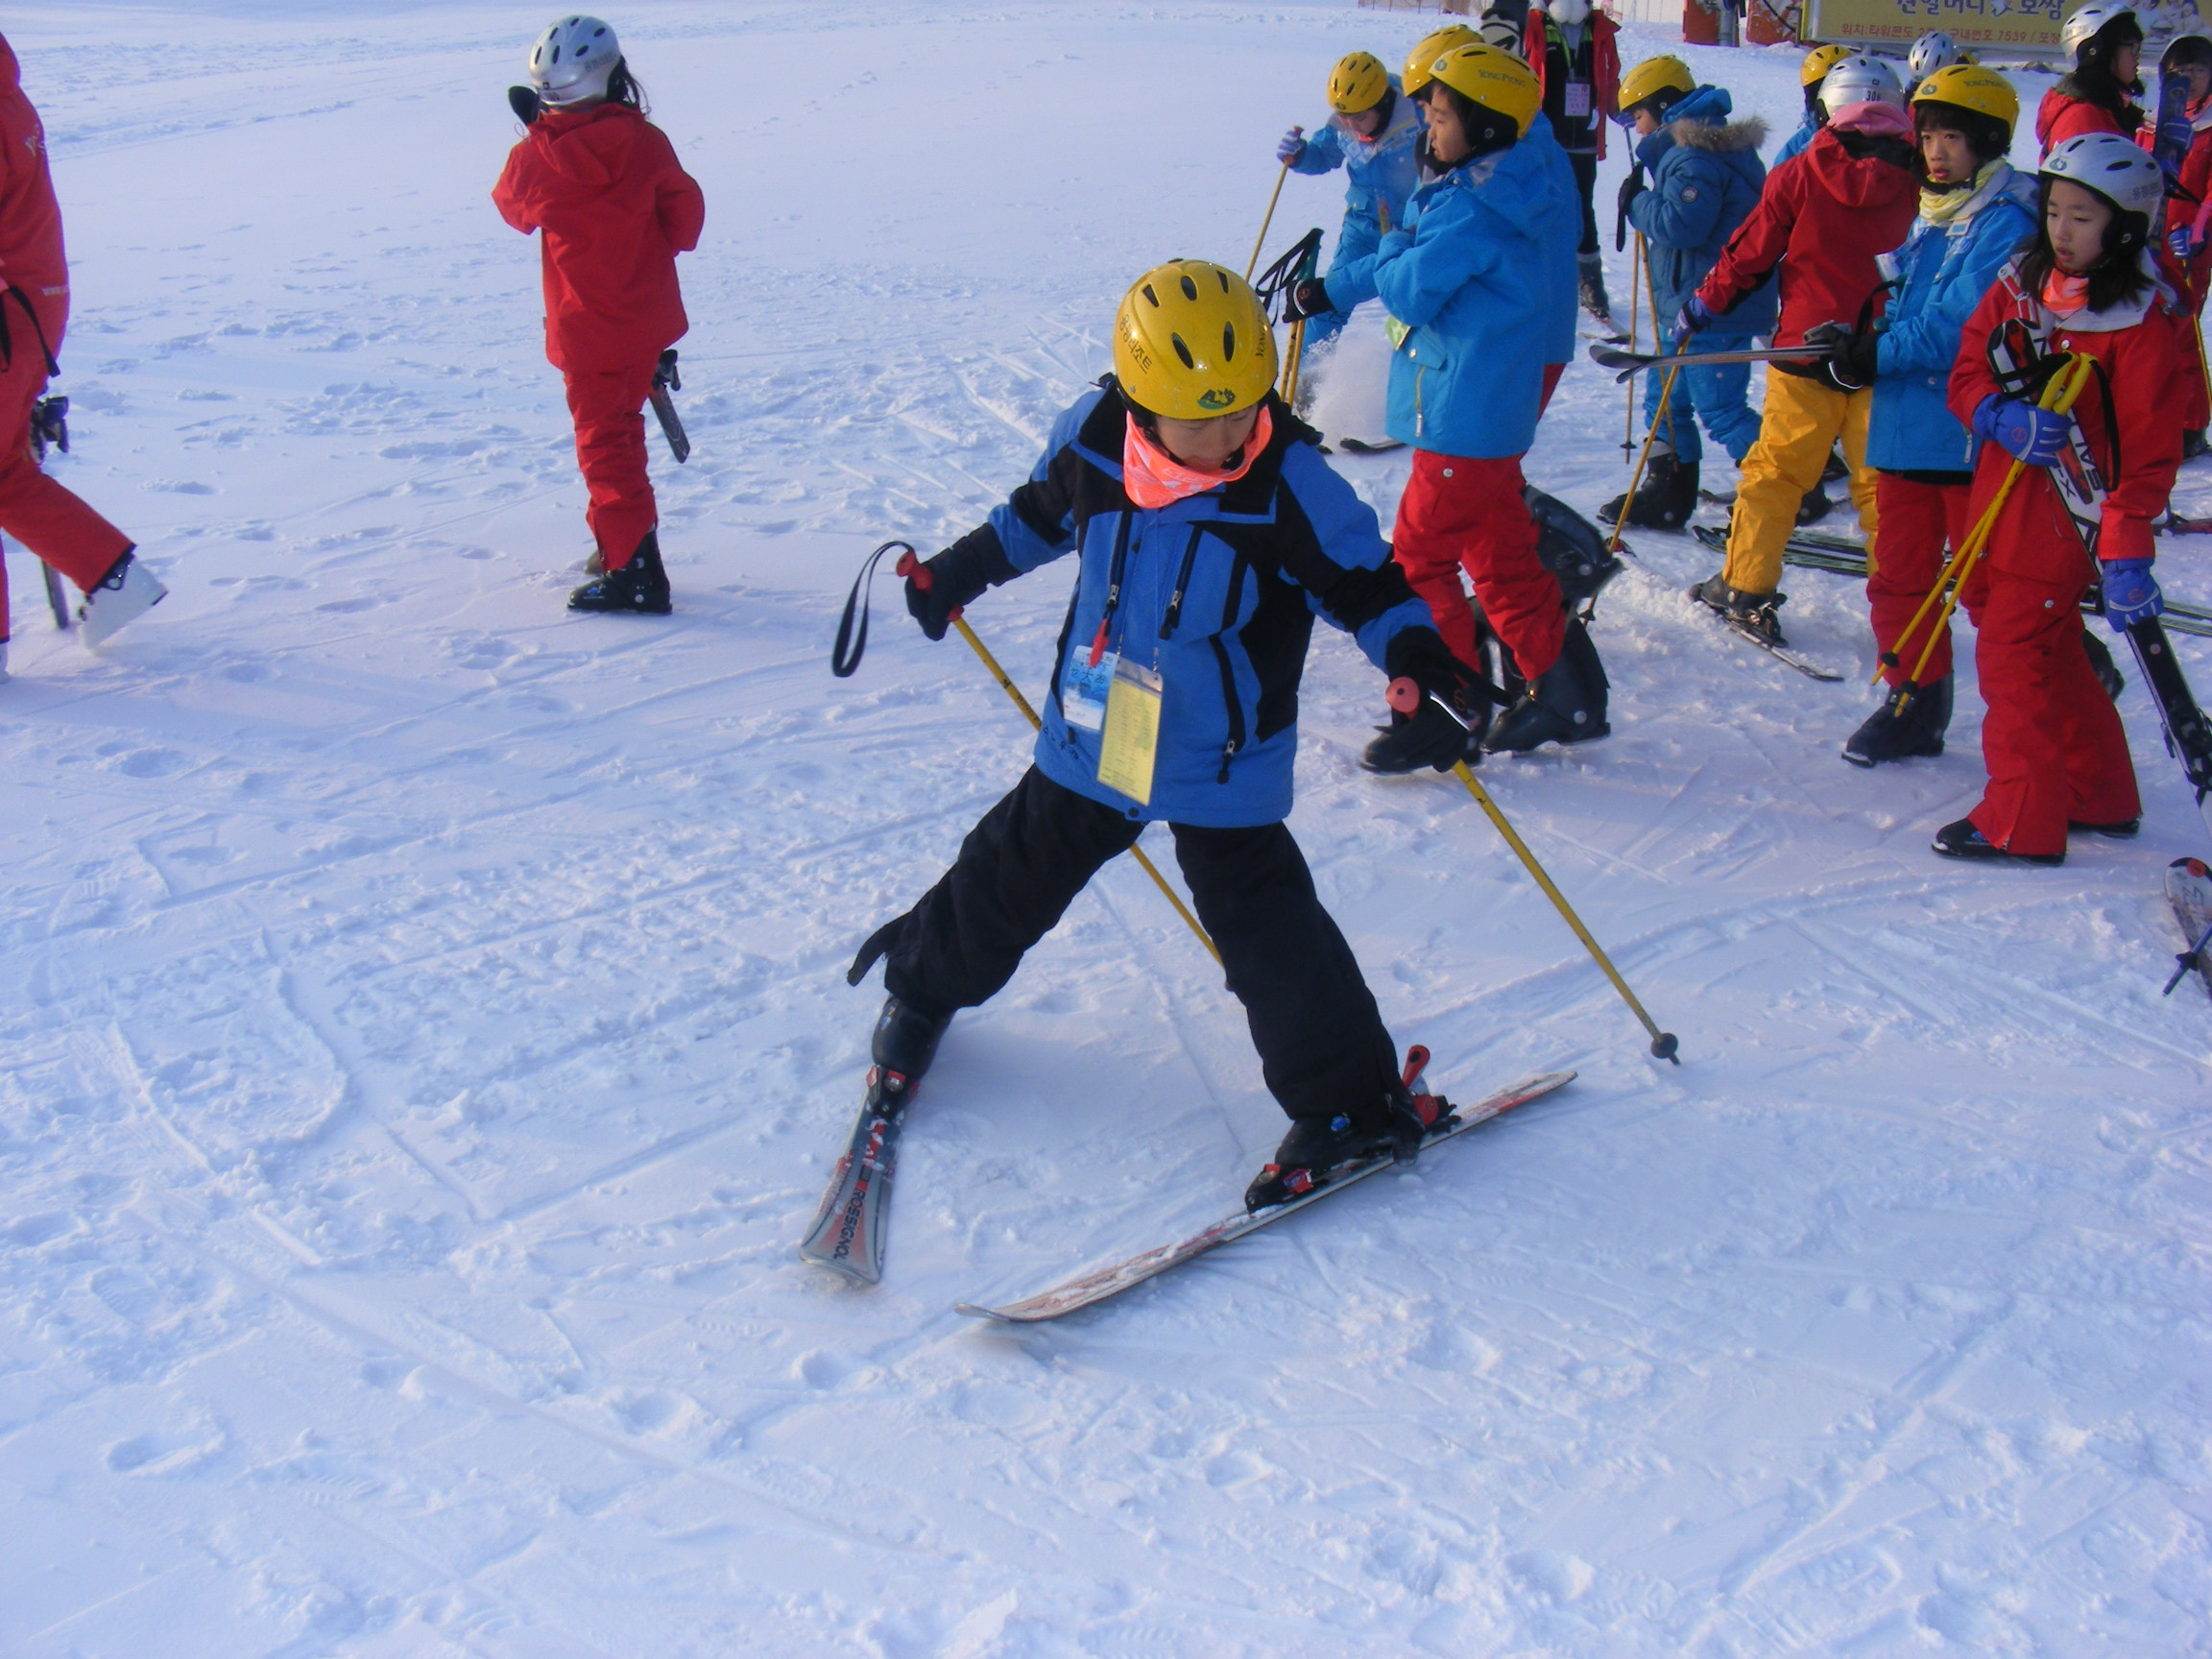 스키타는 어린이